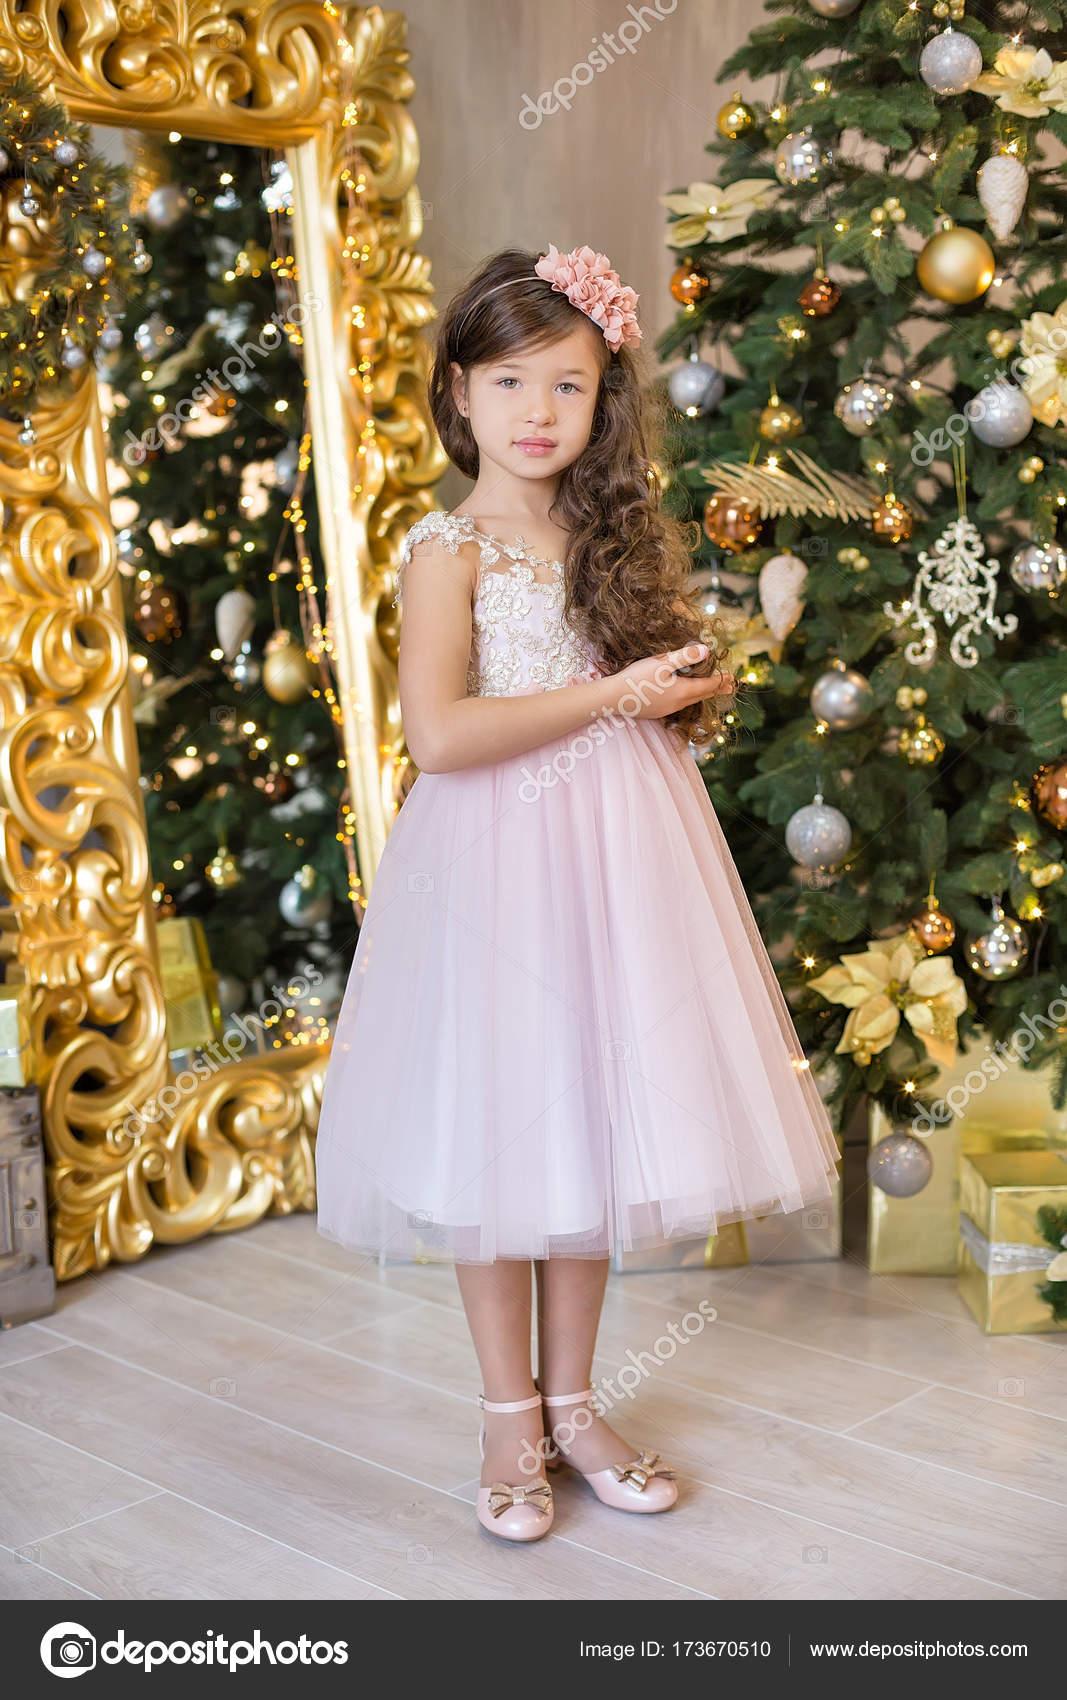 Weihnachtsfeier. Niedliche kleine Mädchen in einem wunderschönen ...